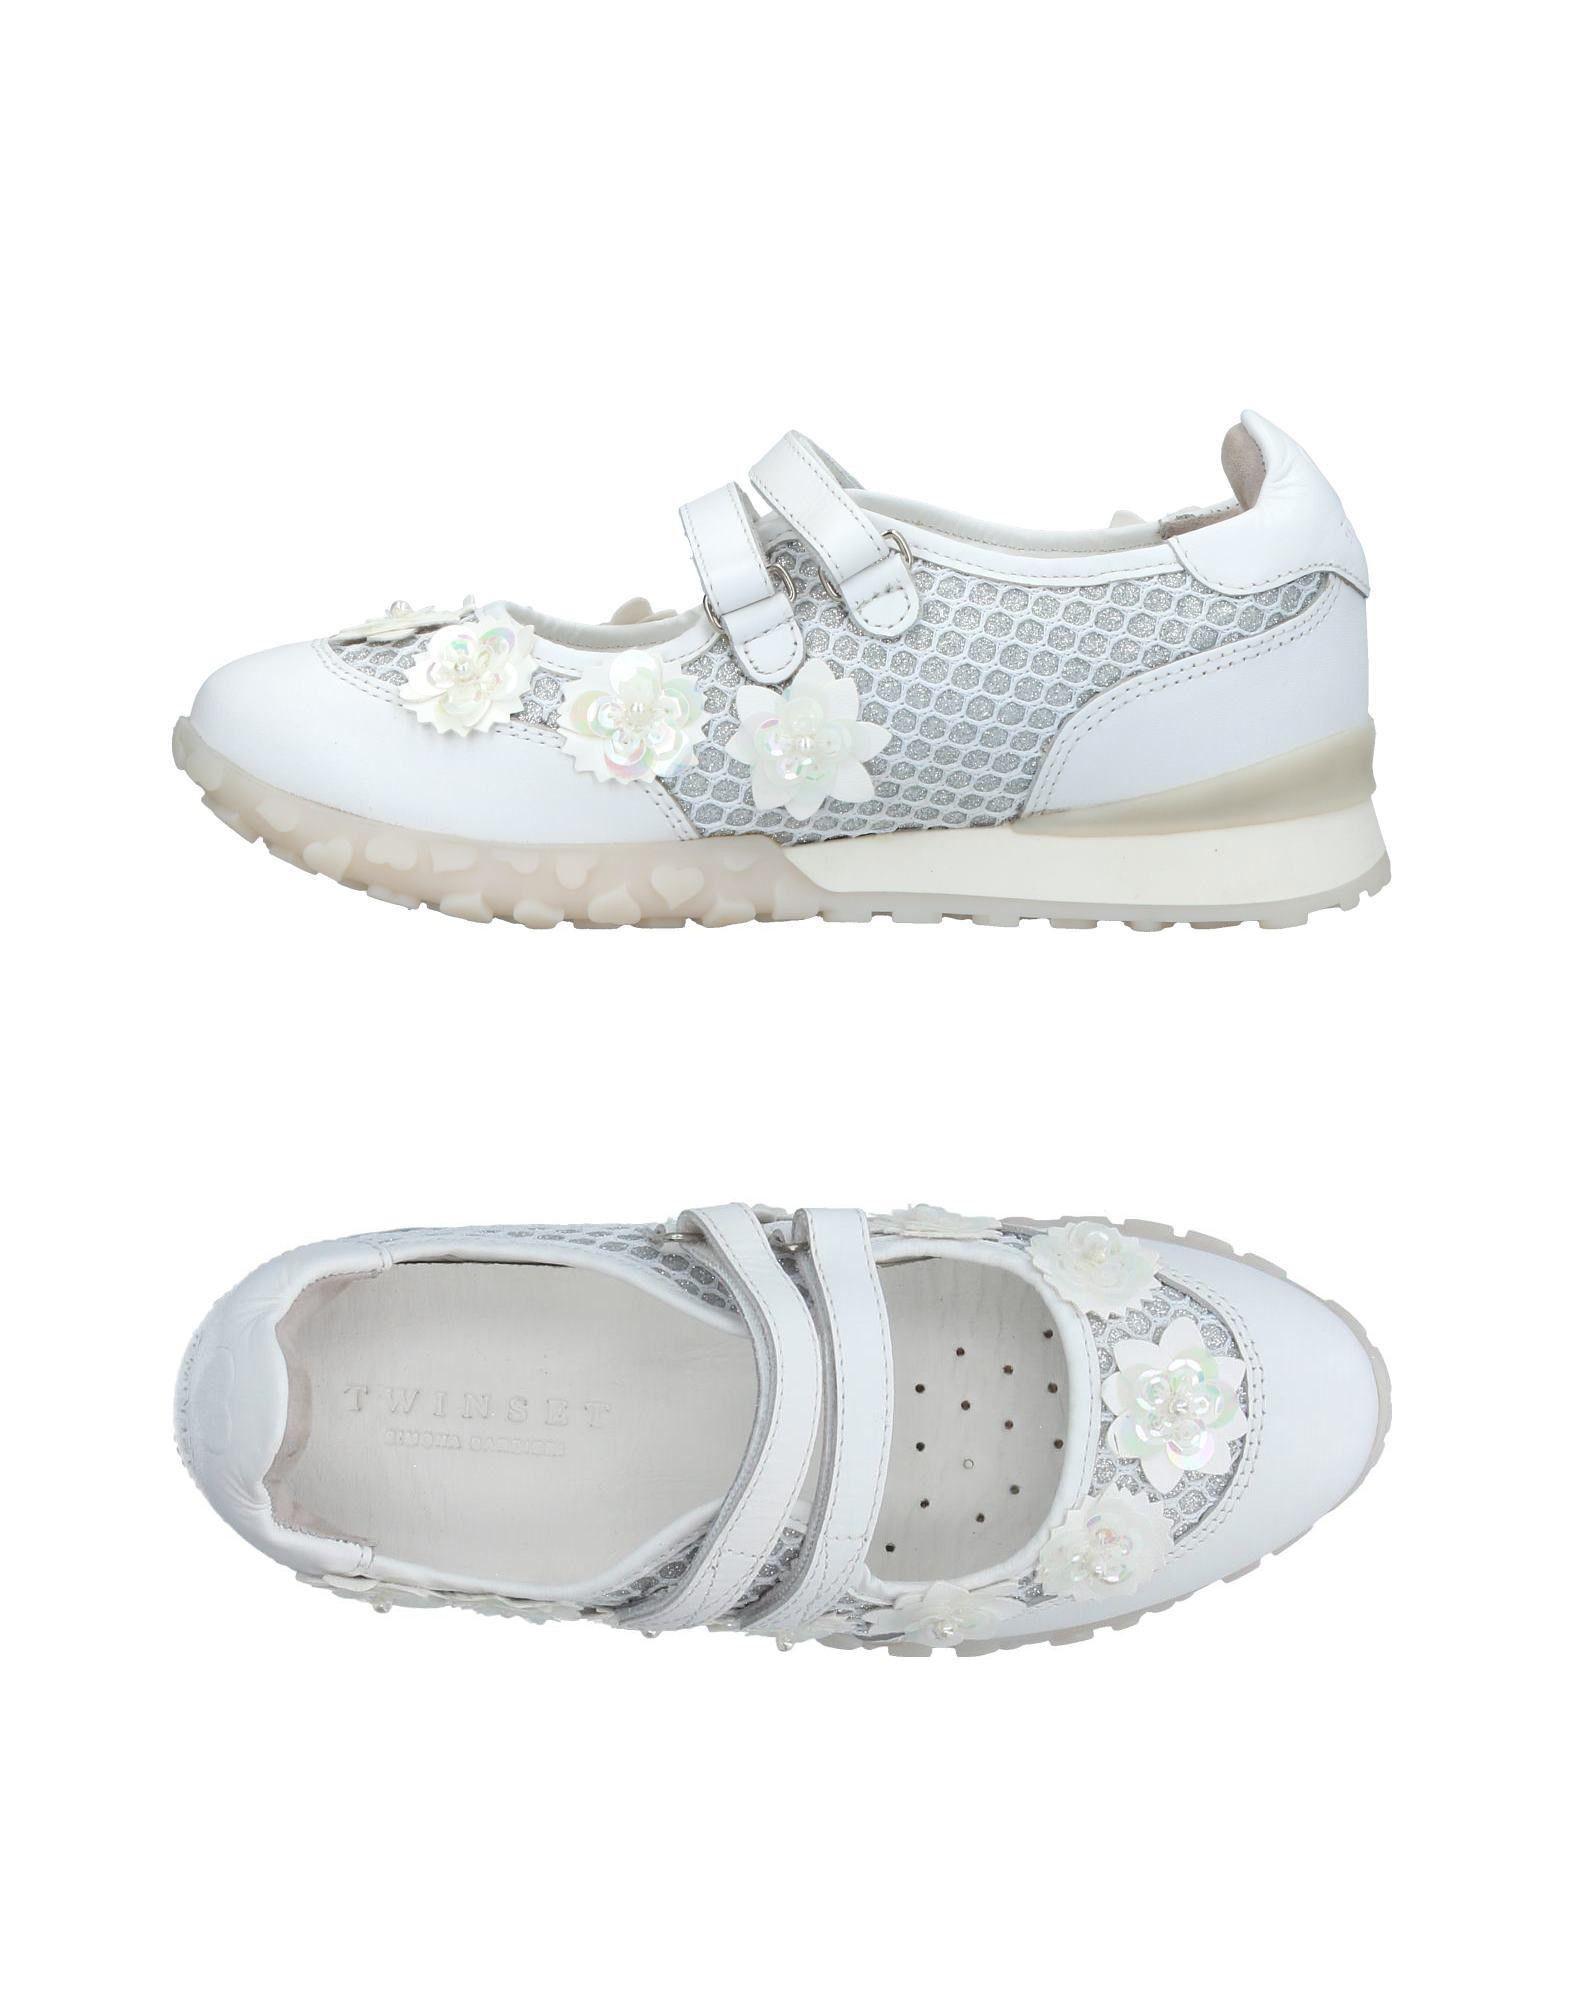 FOOTWEAR - Low-tops & sneakers Twin-Set FM0vH